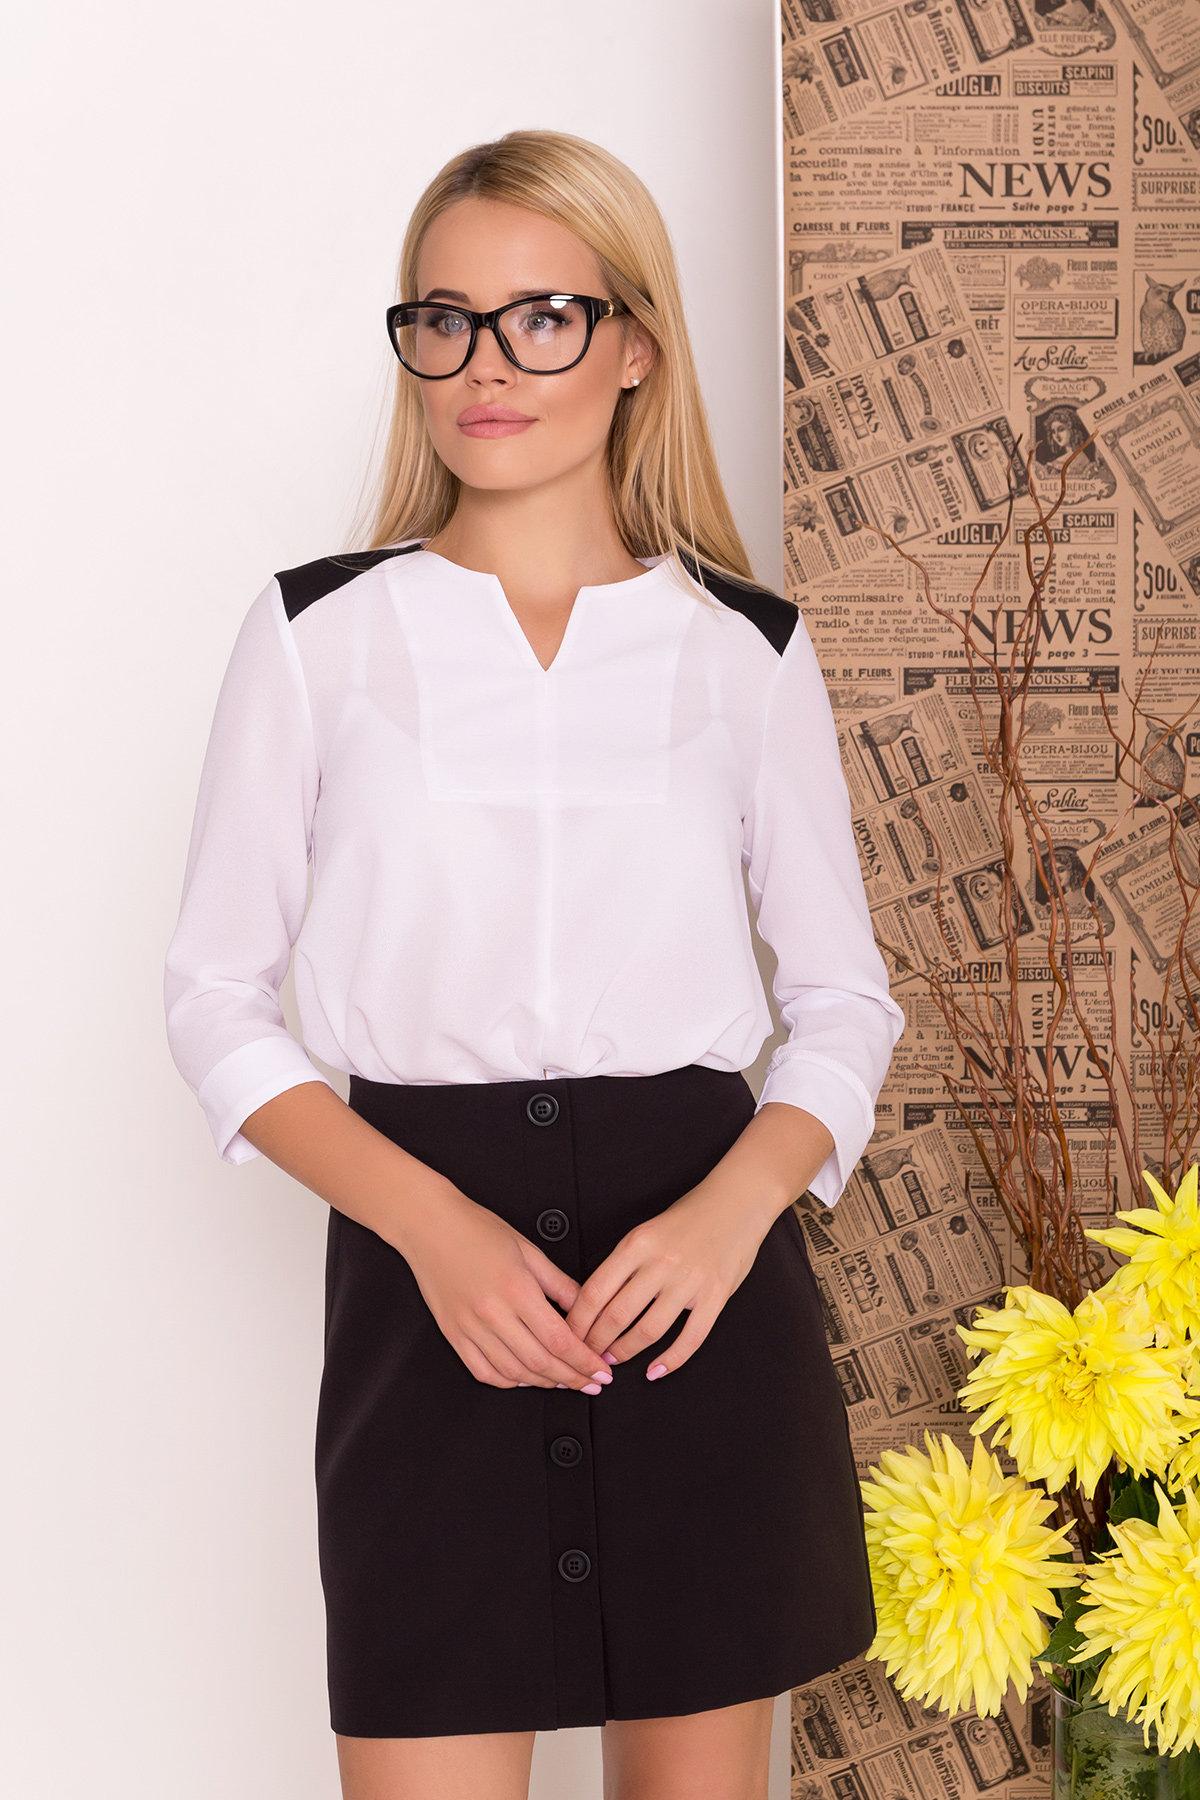 Блуза рукав 3/4 Модена 7728 АРТ. 43656 Цвет: Белый/черный - фото 3, интернет магазин tm-modus.ru